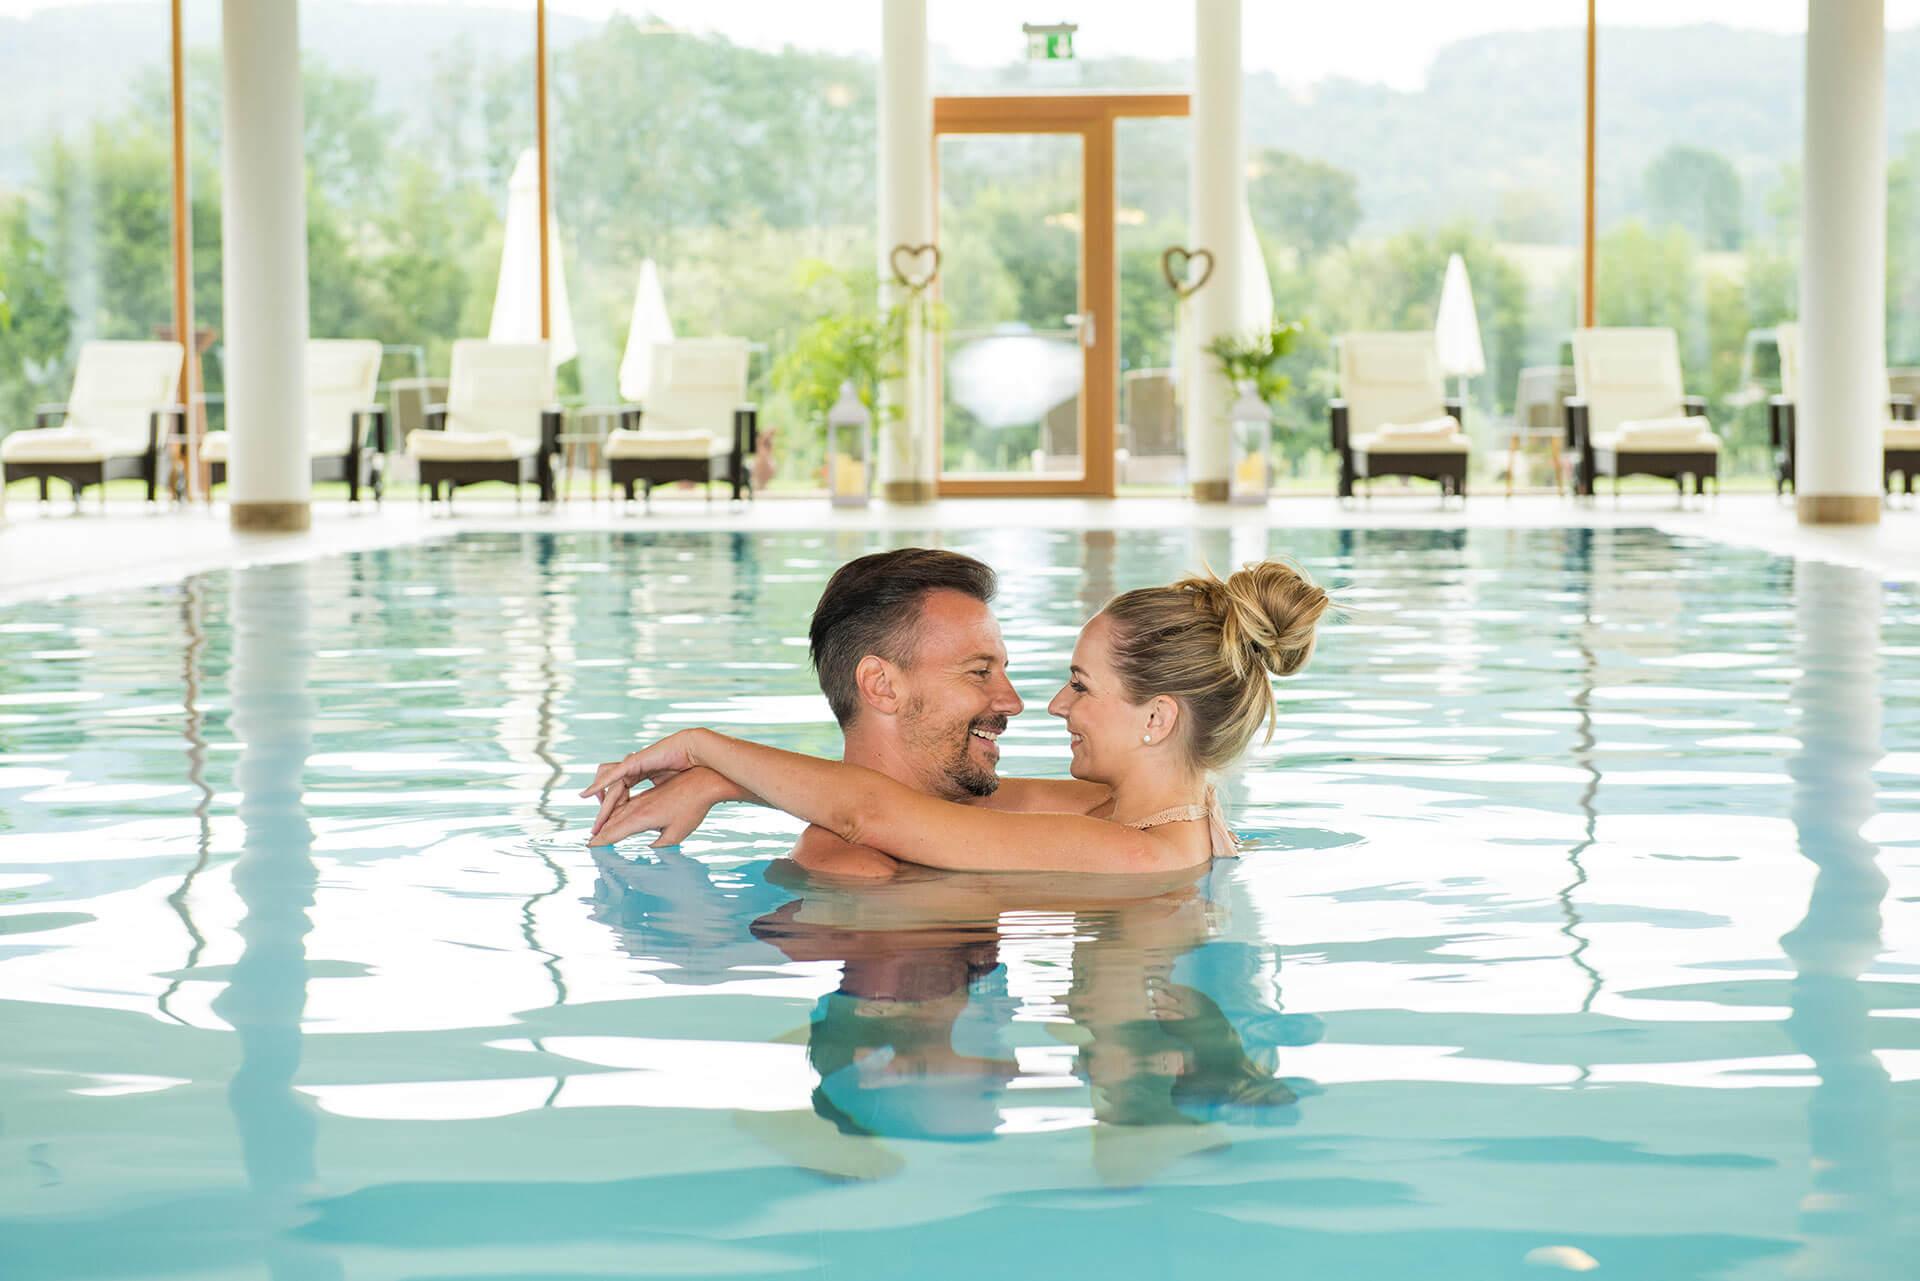 Erholung und Entspannung für Erwachsene: Das bietet das Wellnesshotel Grüne Au in der Oststeiermark.